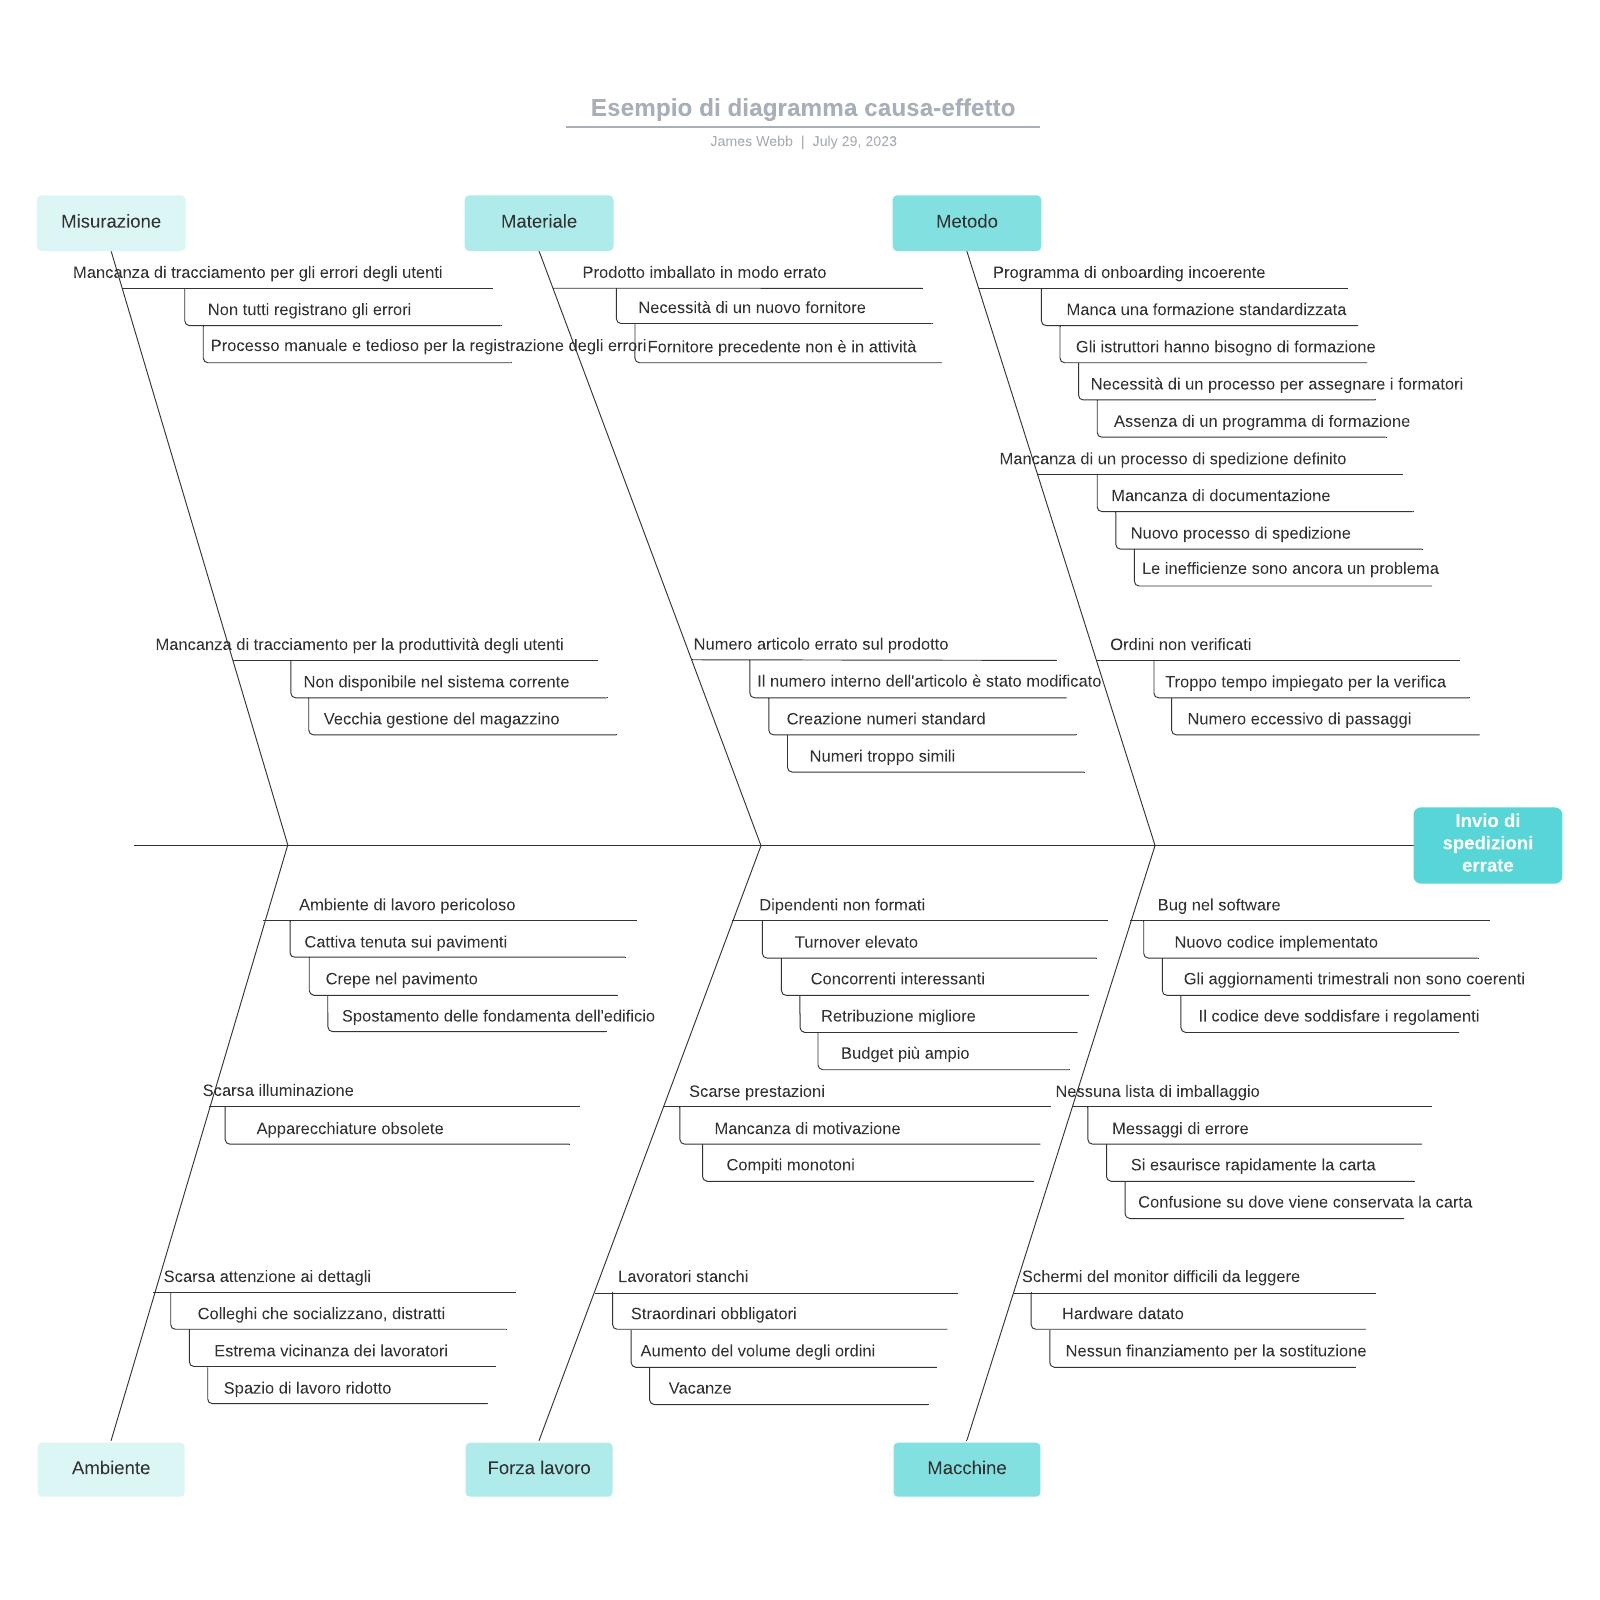 Esempio di diagramma causa-effetto